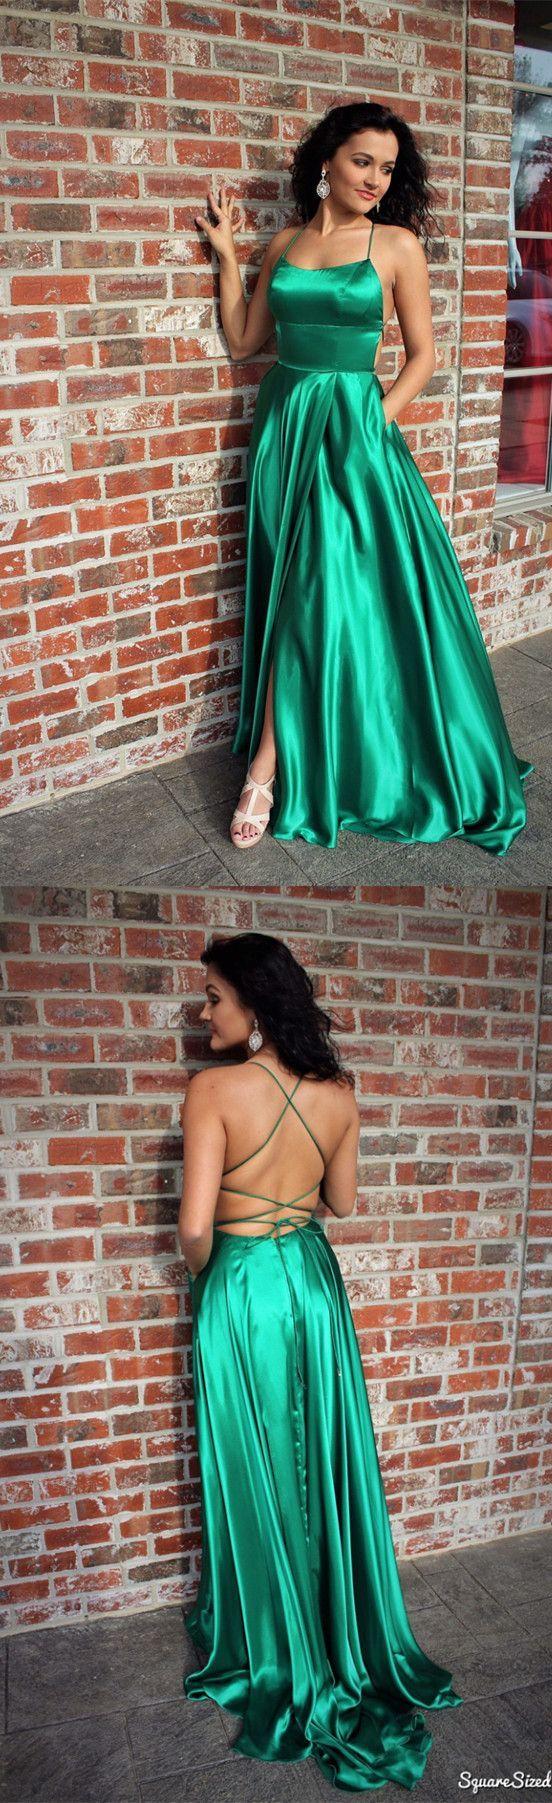 Prom dress prom dress long prom dress green prom dress